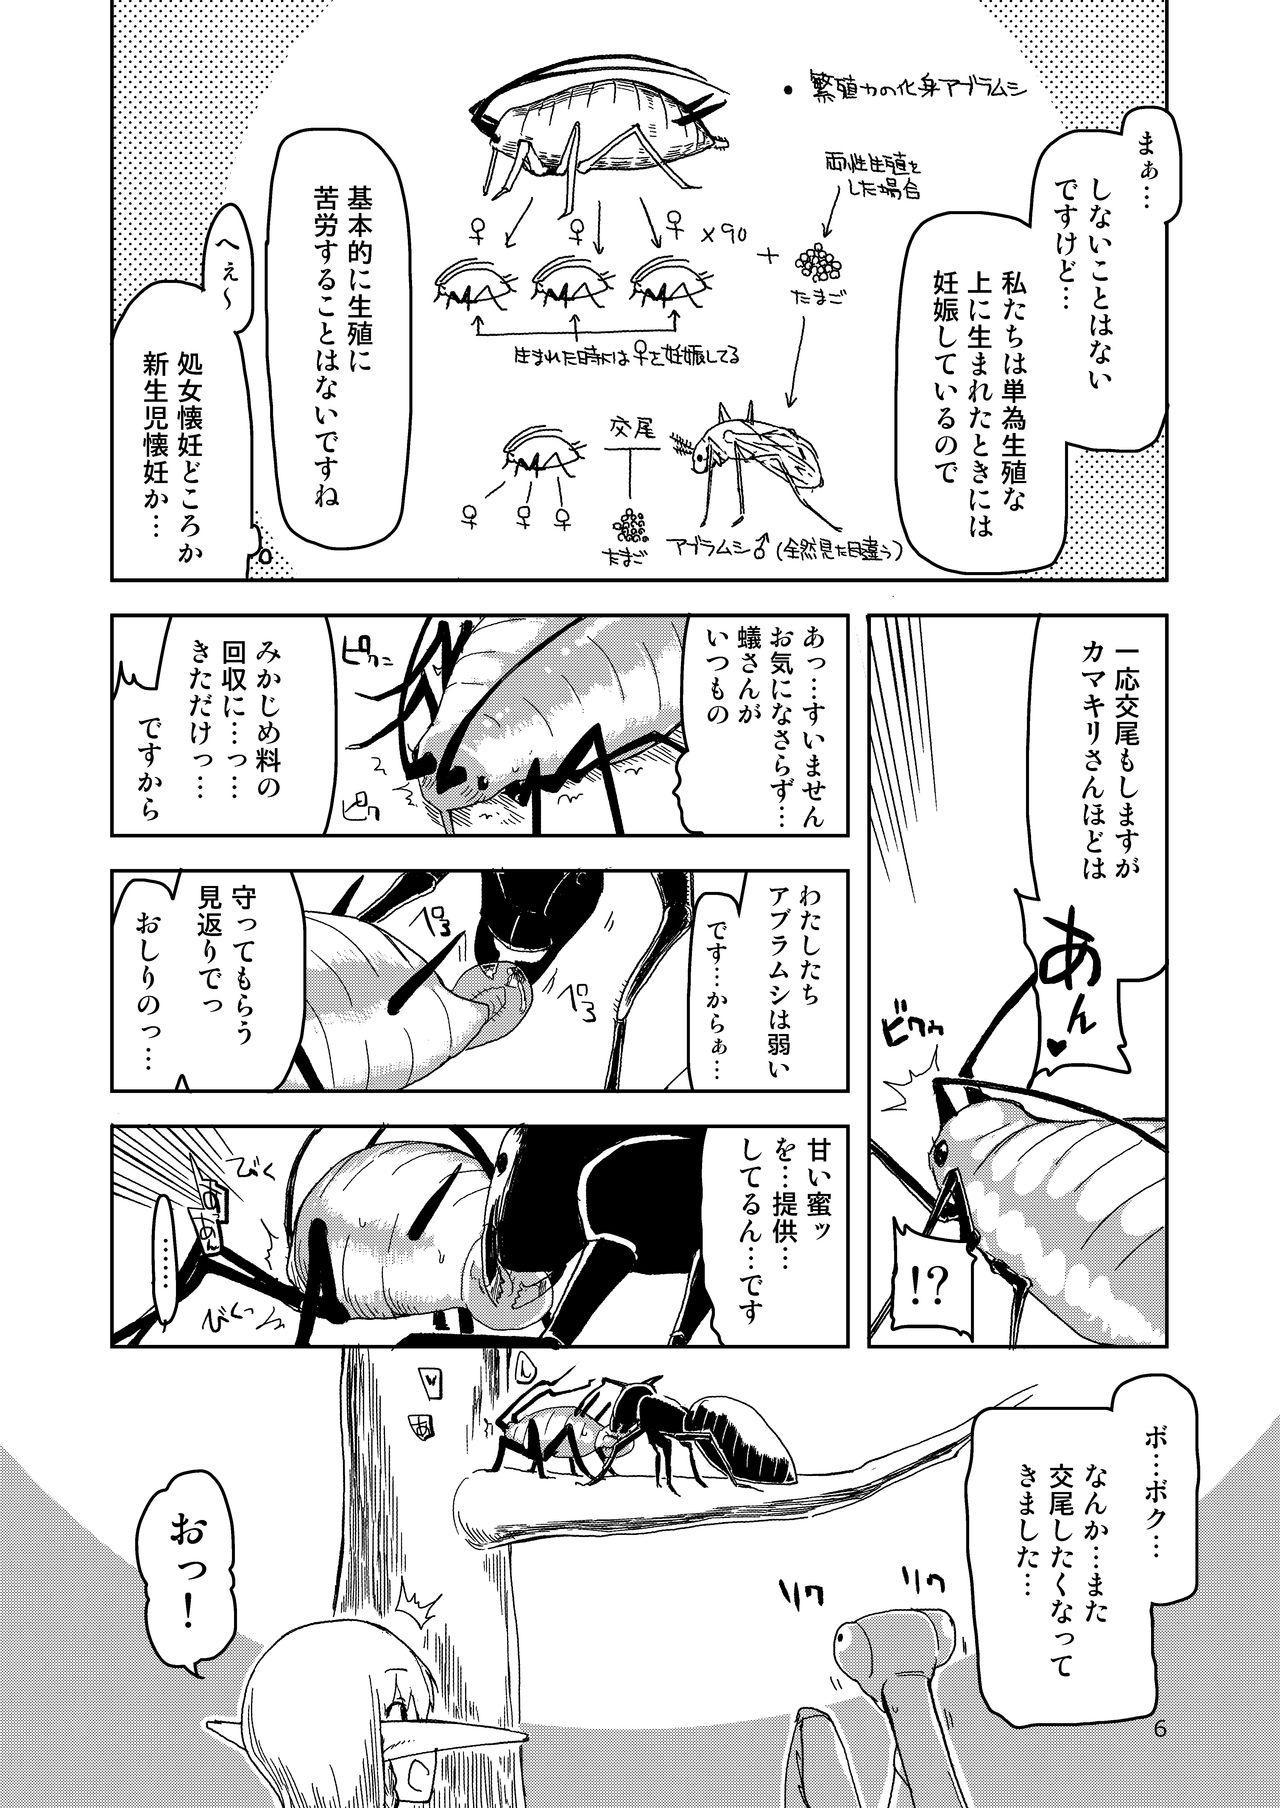 Dosukebe Elf no Ishukan Nikki Matome 2 6